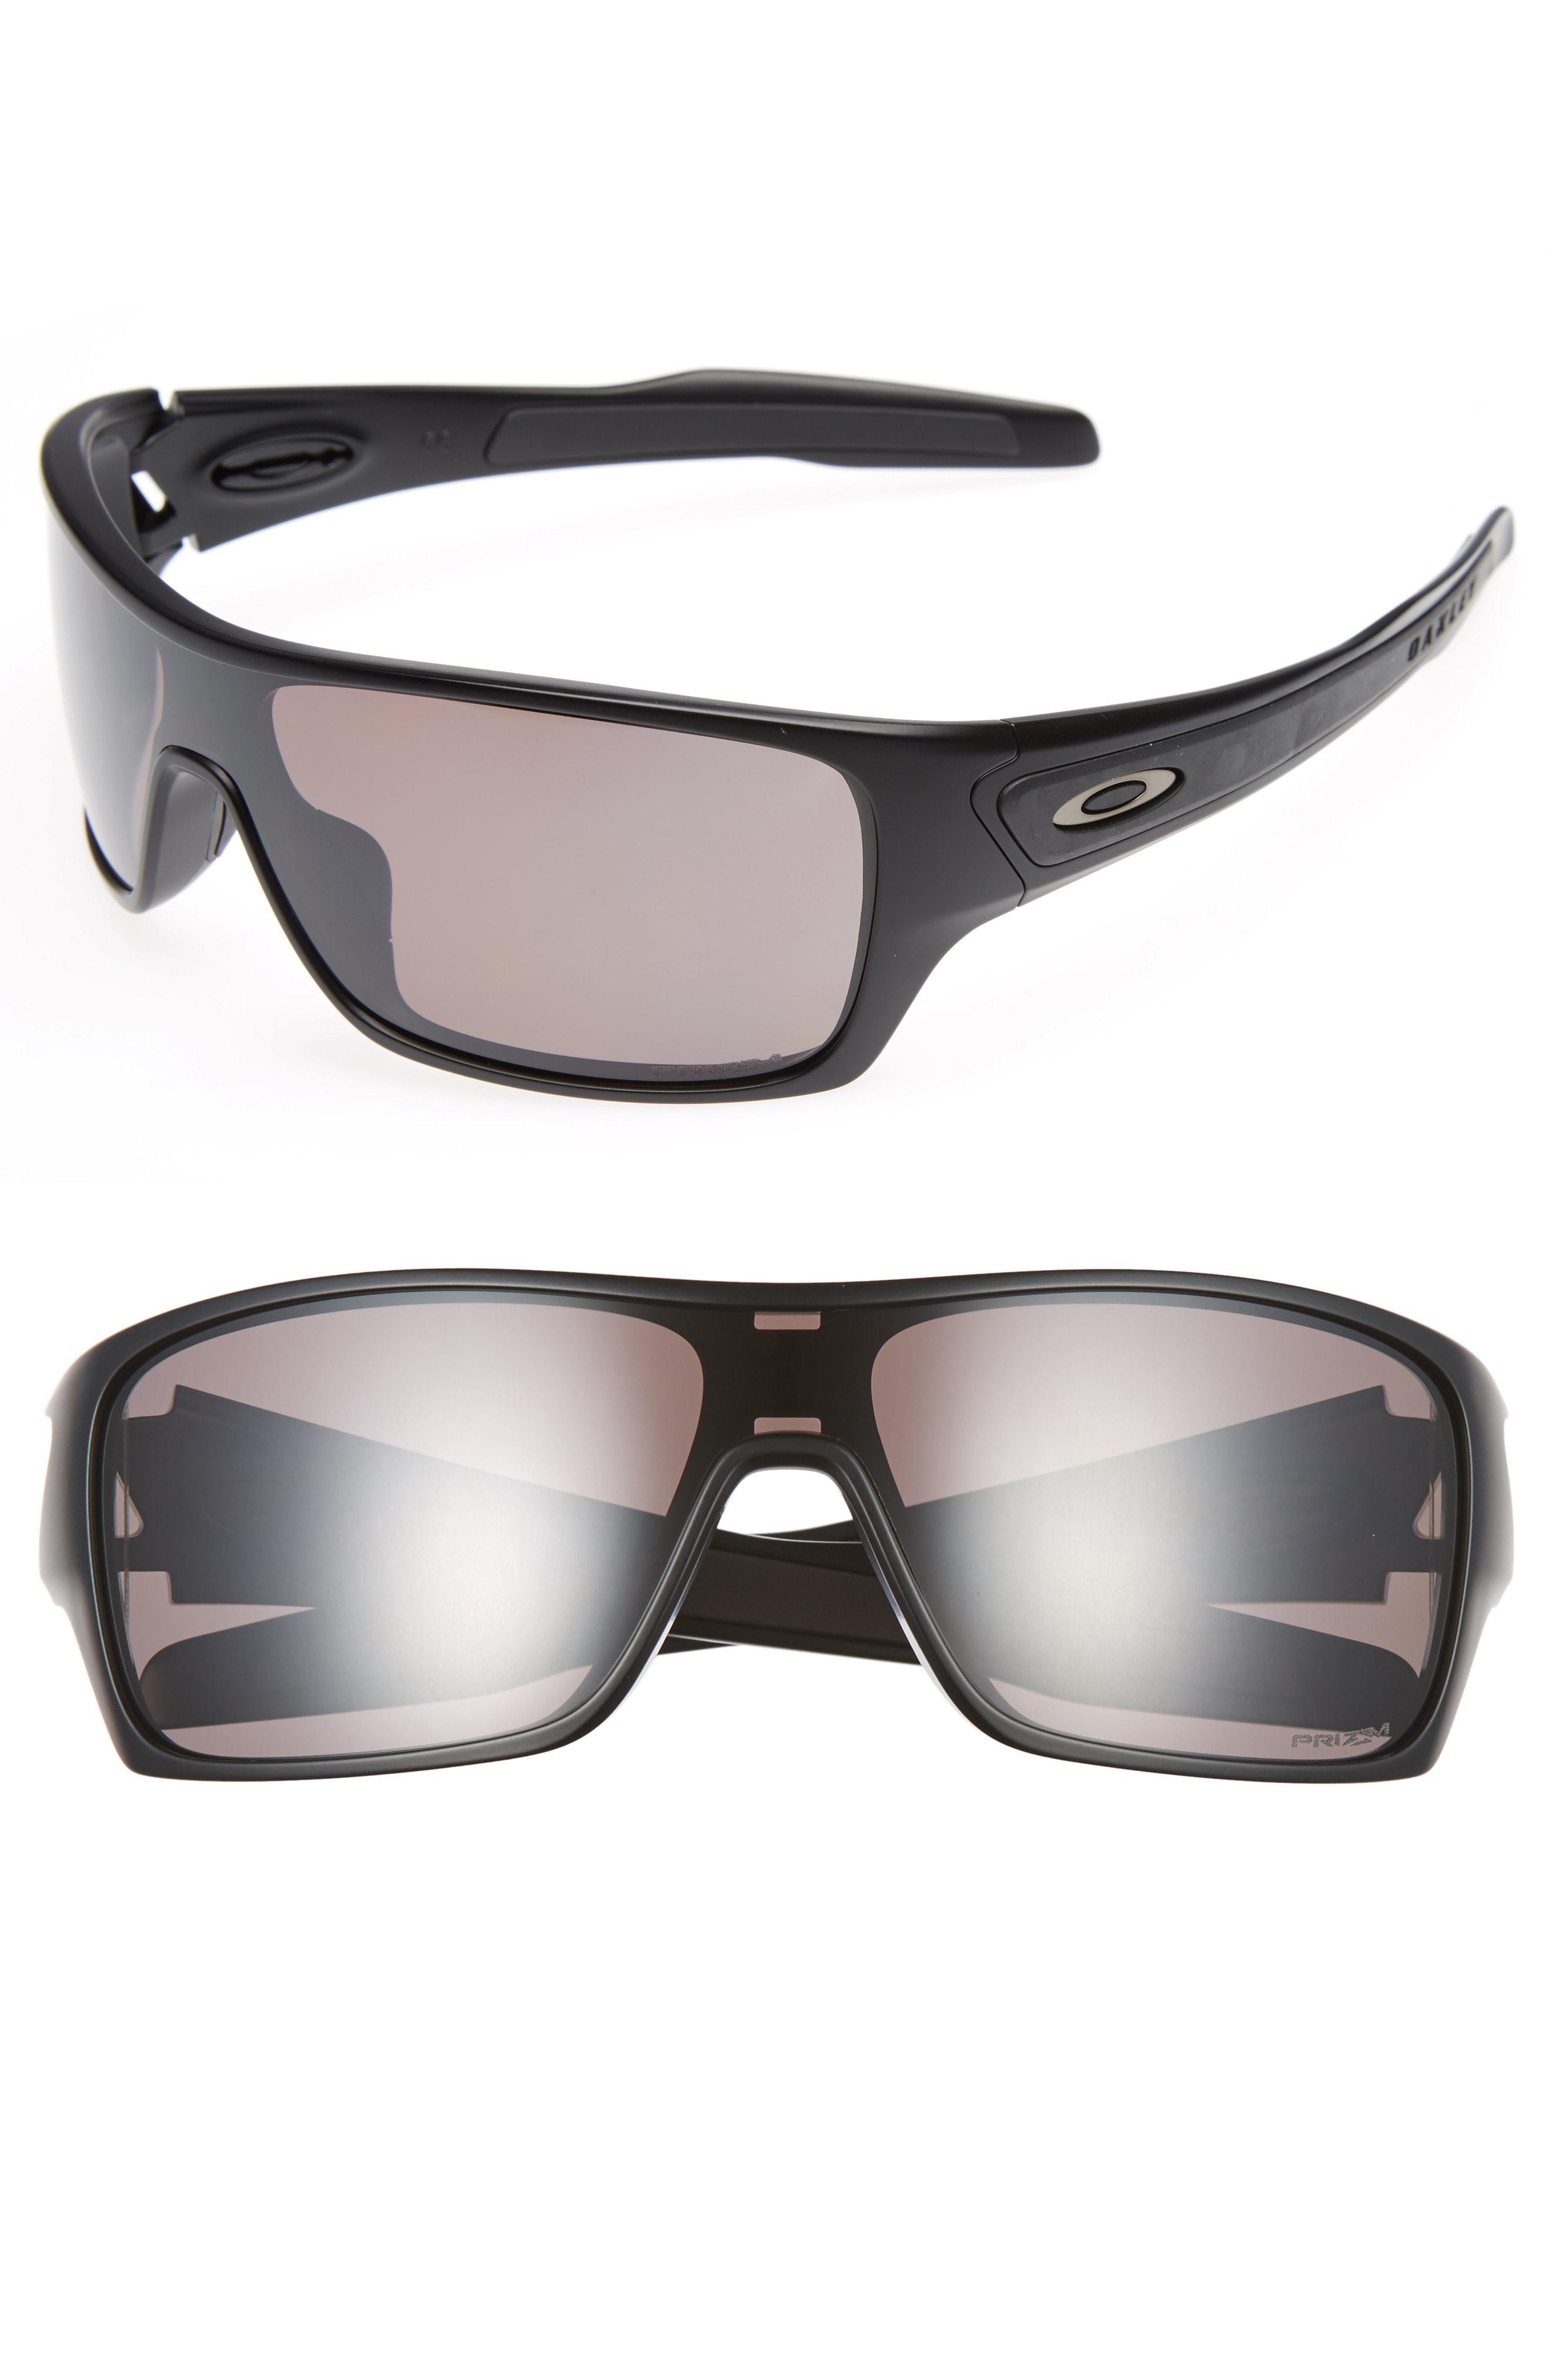 6c7decc6fa1 Lyst - Oakley Turbine Rotor 68mm Polarized Sunglasses - in Gray for Men